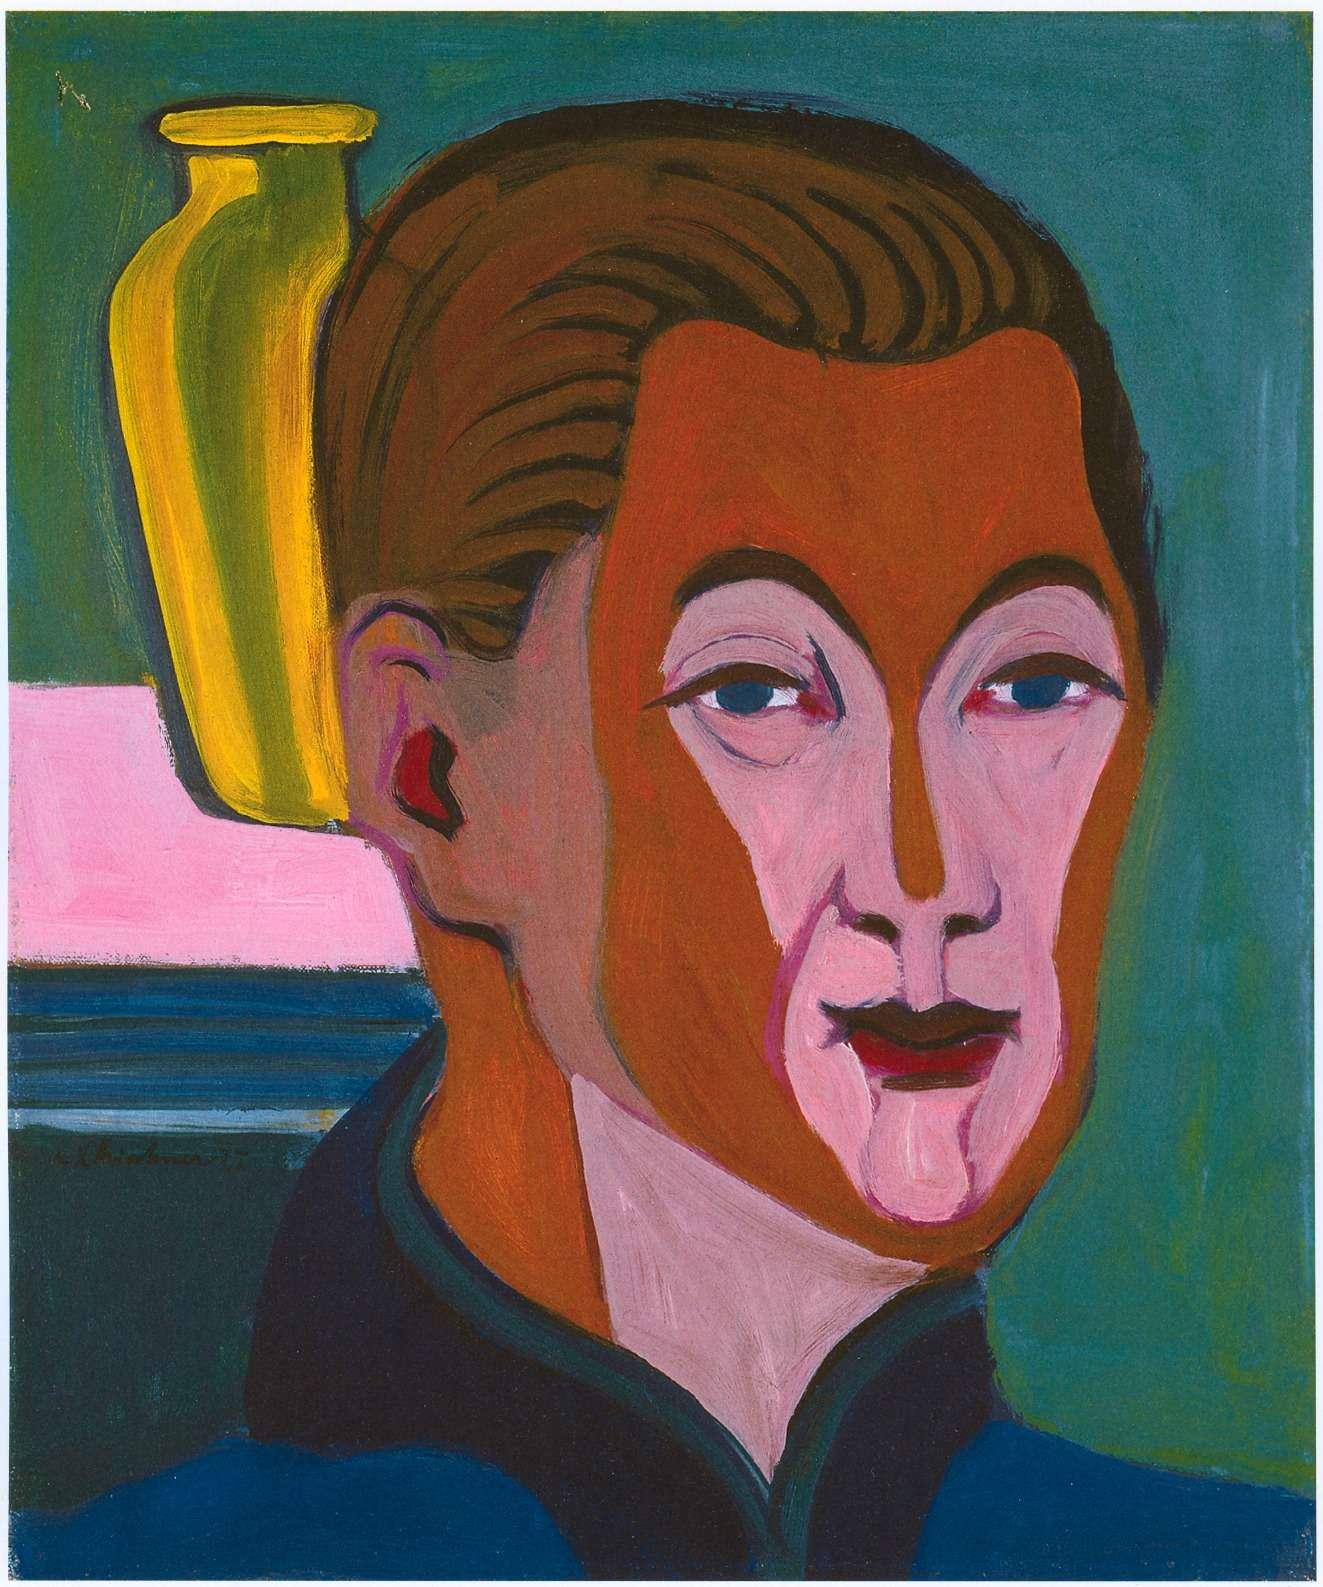 Selbstbildnis des Malers Ernst Ludwig Kirchner aus dem Jahre 1925